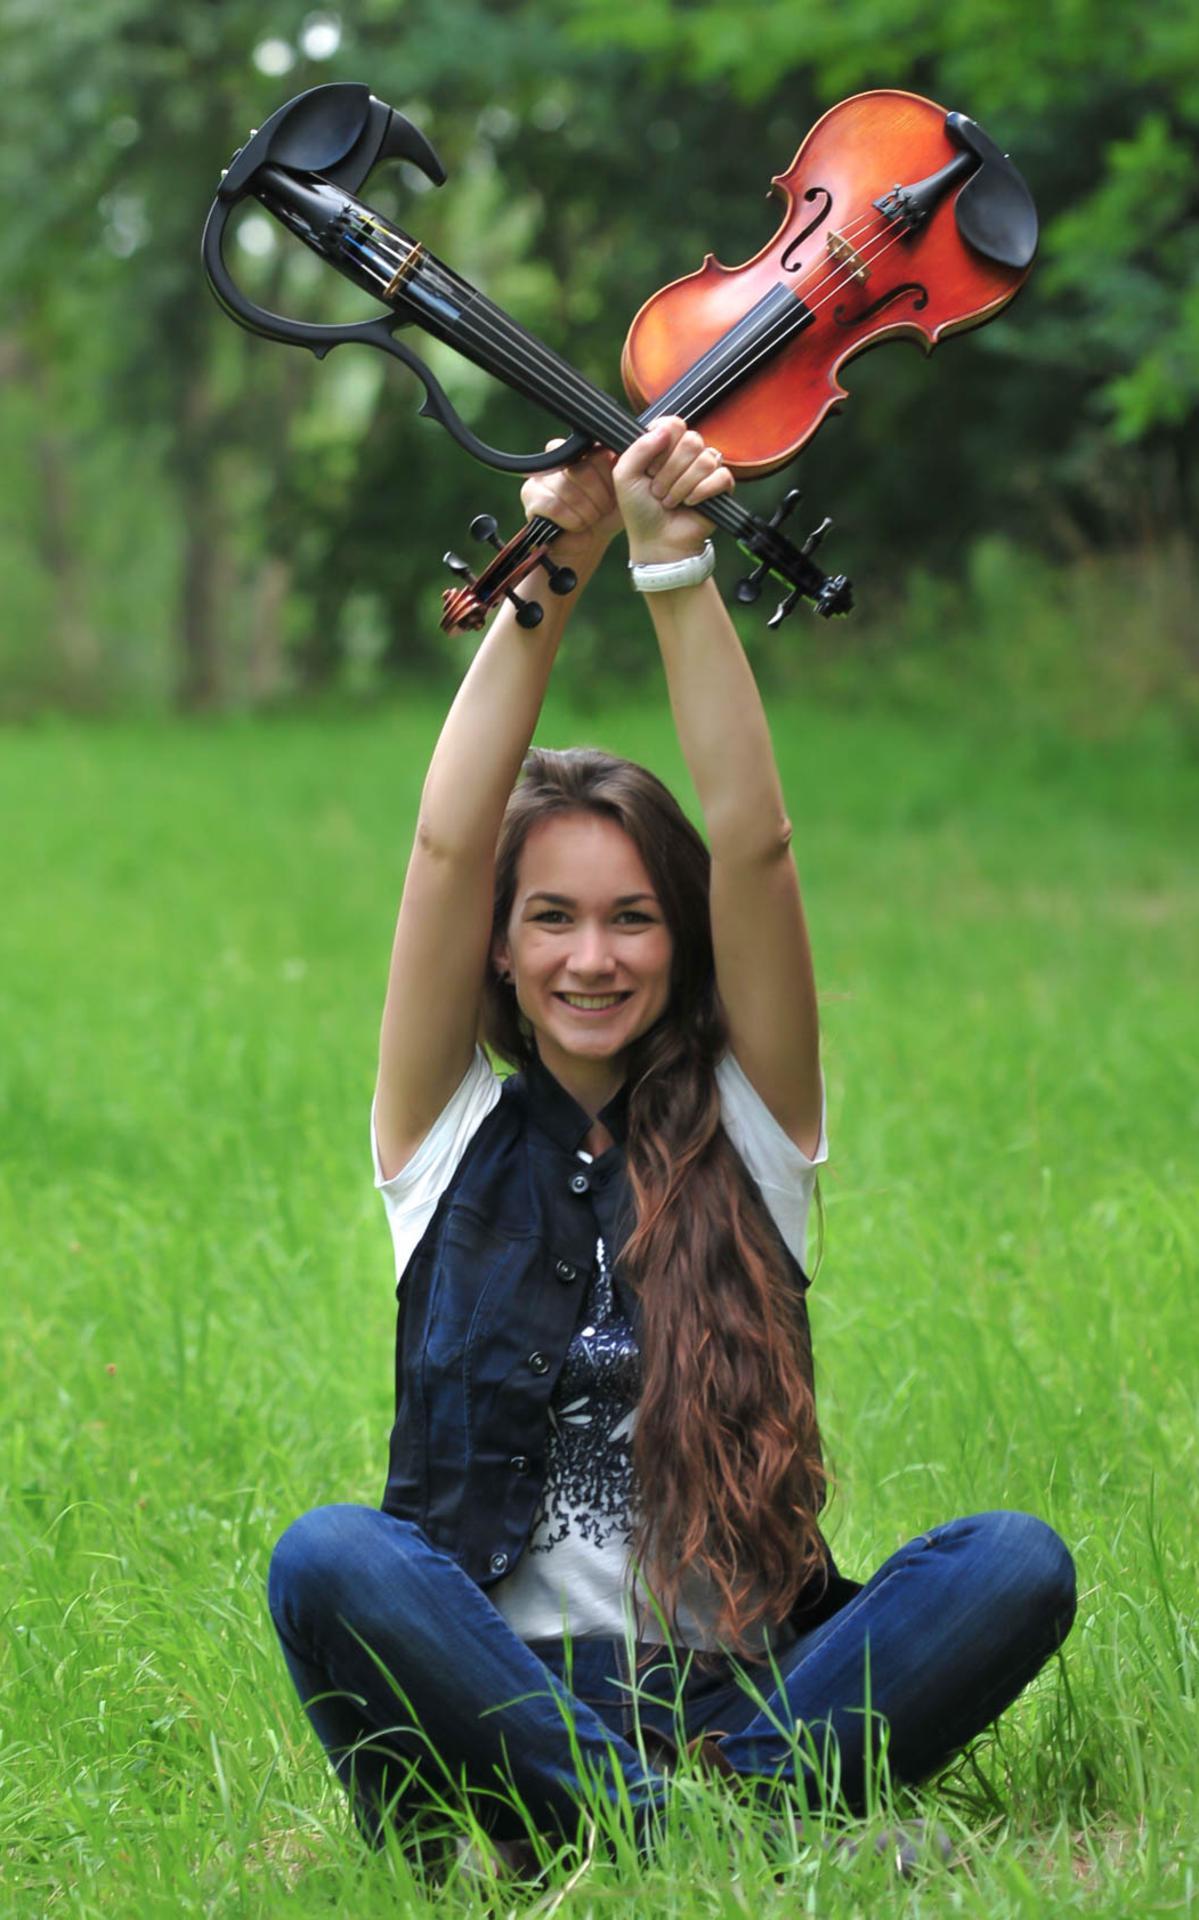 Kirstie liebt beide gleichermaßen: die klassische und die E-Violine